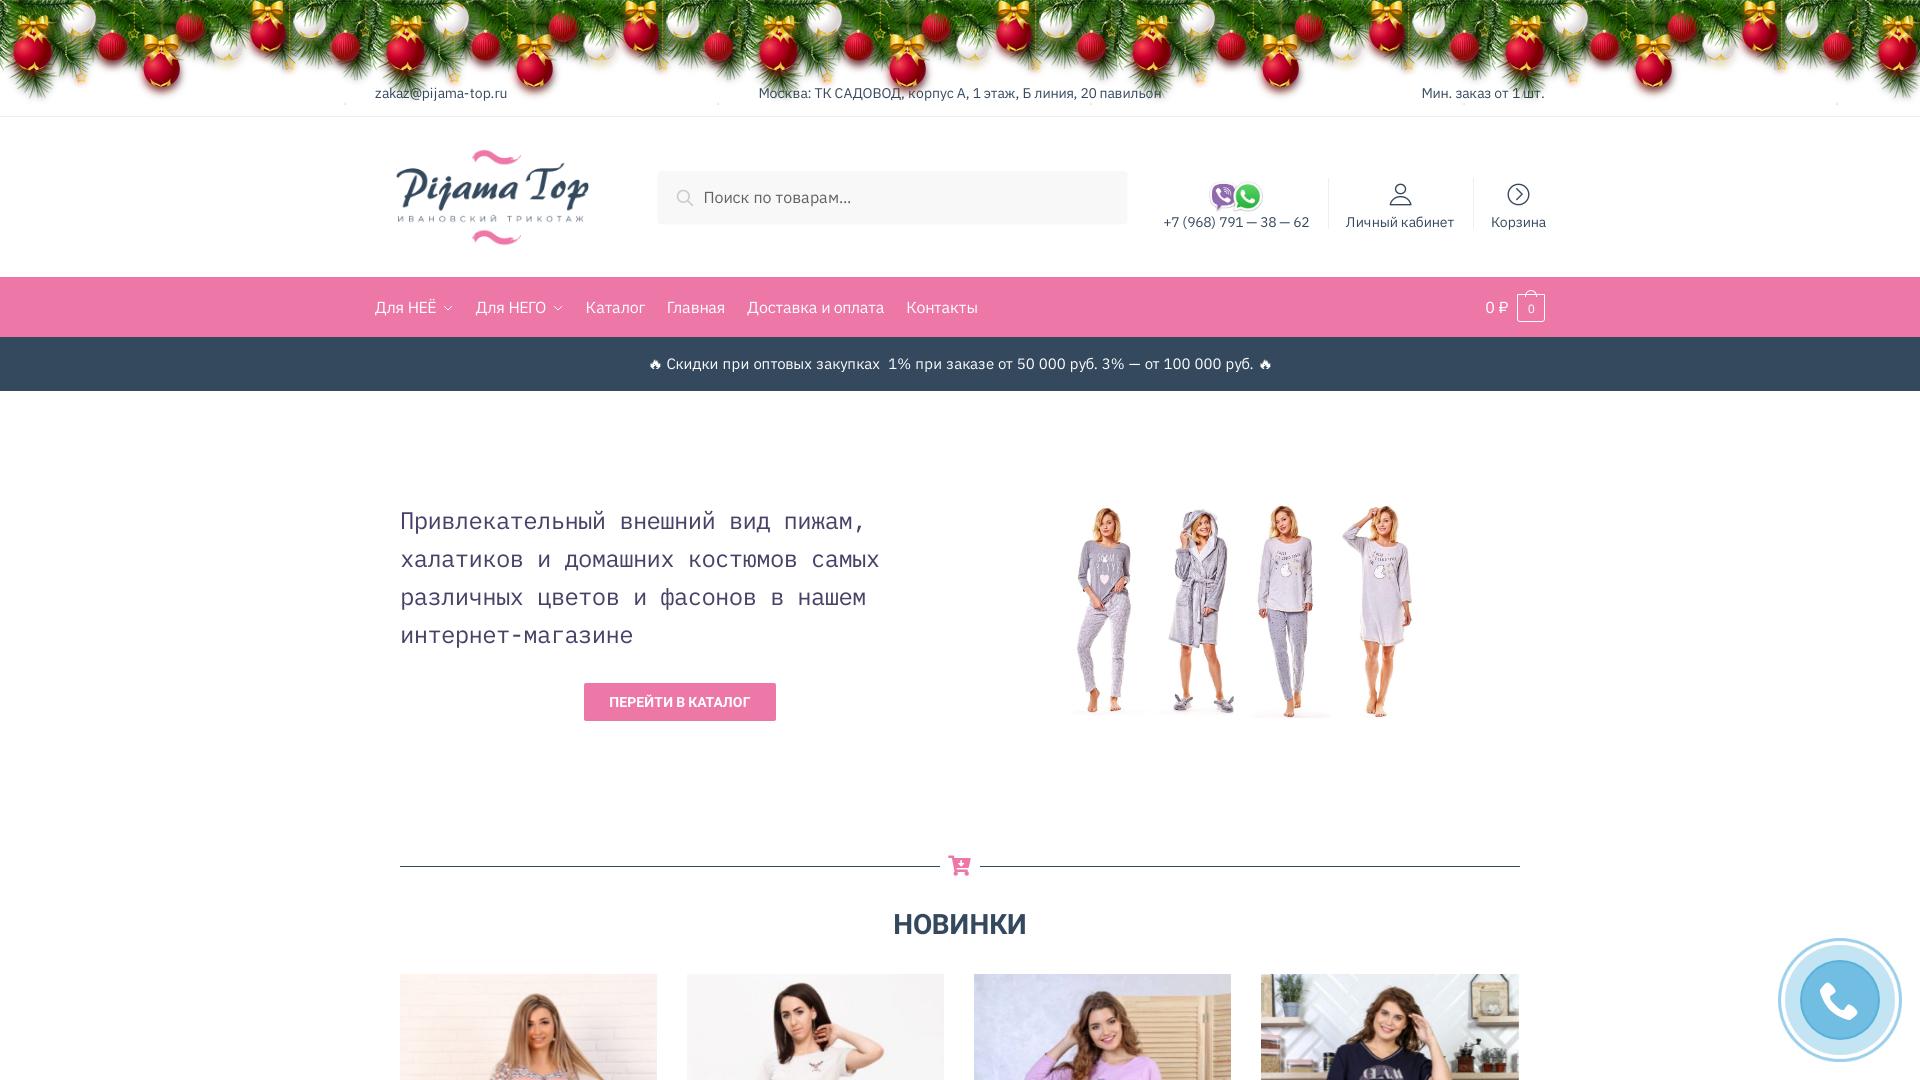 Pijama Top — Ивановский трикотаж — Пижамы оптом от передового производителя из Иваново.